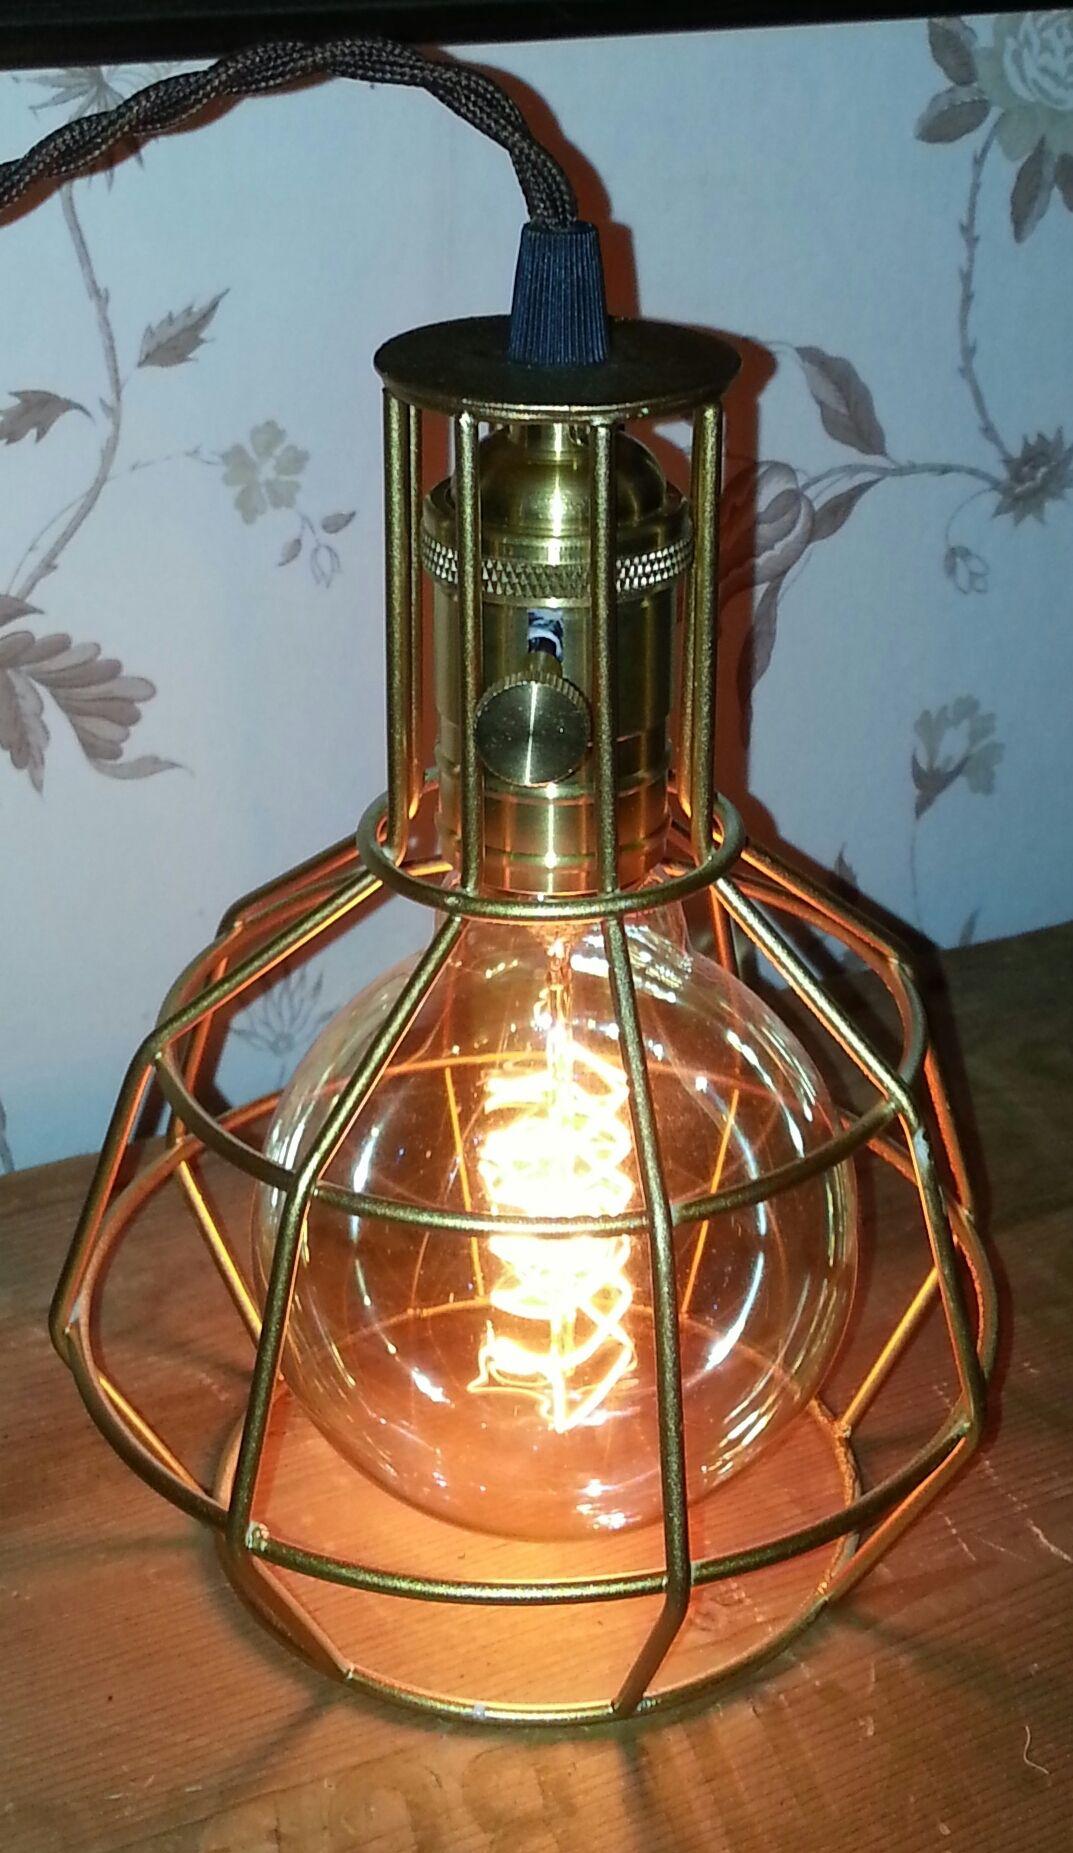 Burlampa i lite mordernare stil, 22 cm hög och diametern är 15 cm. Klassisk lamphållare i mässing med strömbrytare, 3 meter brun tvinnad textilkabel och eu-kontakt. 40 watts G95 koltrådslampa ingår. Pris inkl. frakt inom Sverige, hämtpris i Stjärnsund 700:-  760 SEK